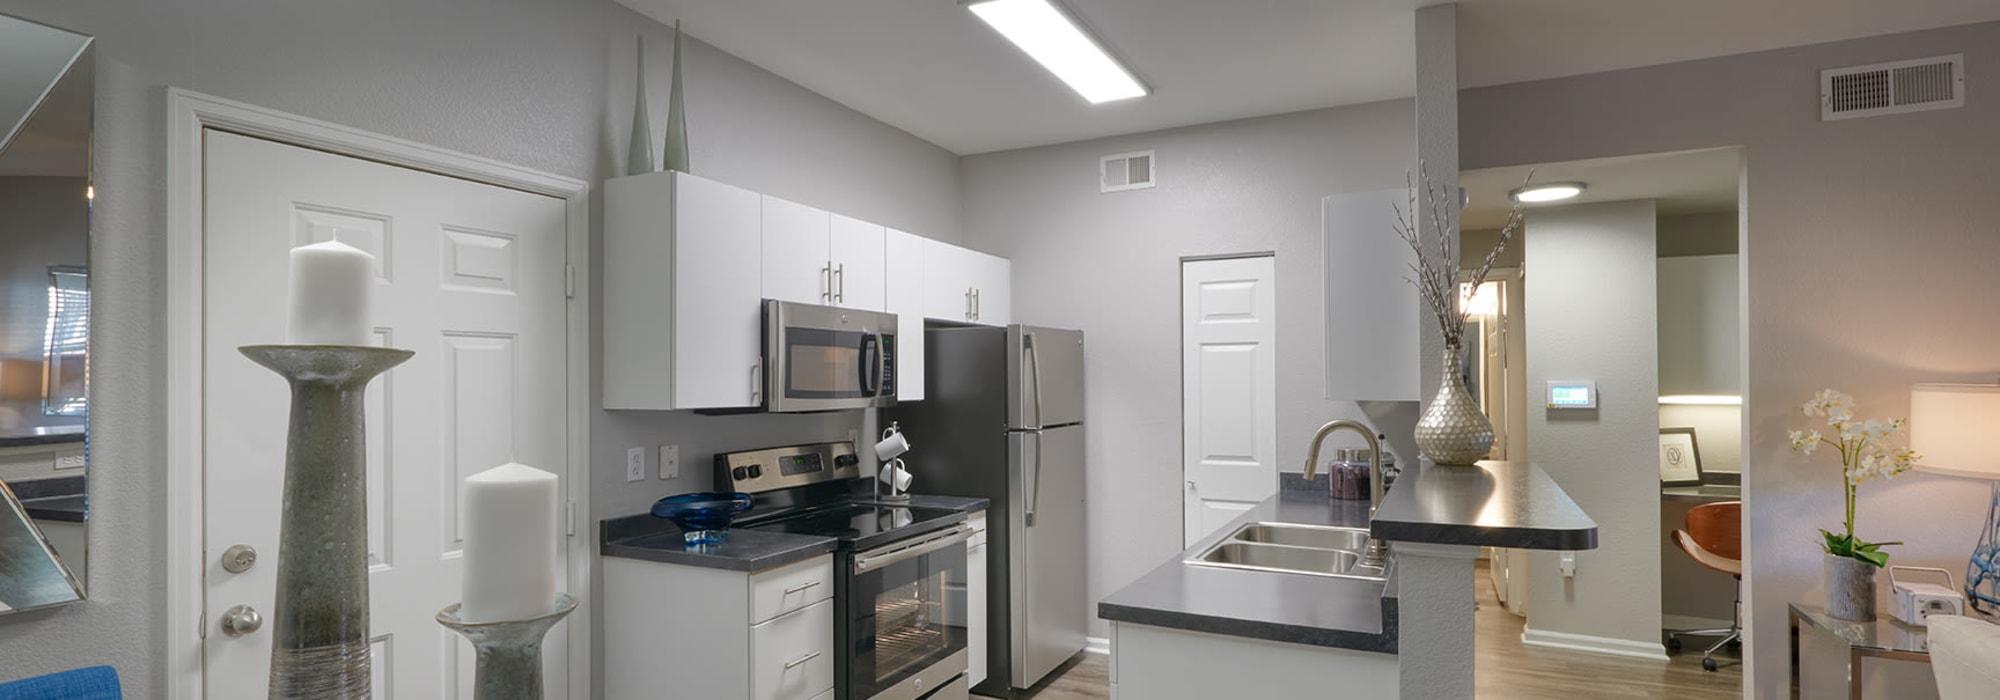 Reviews at Crestone Apartments in Aurora, Colorado